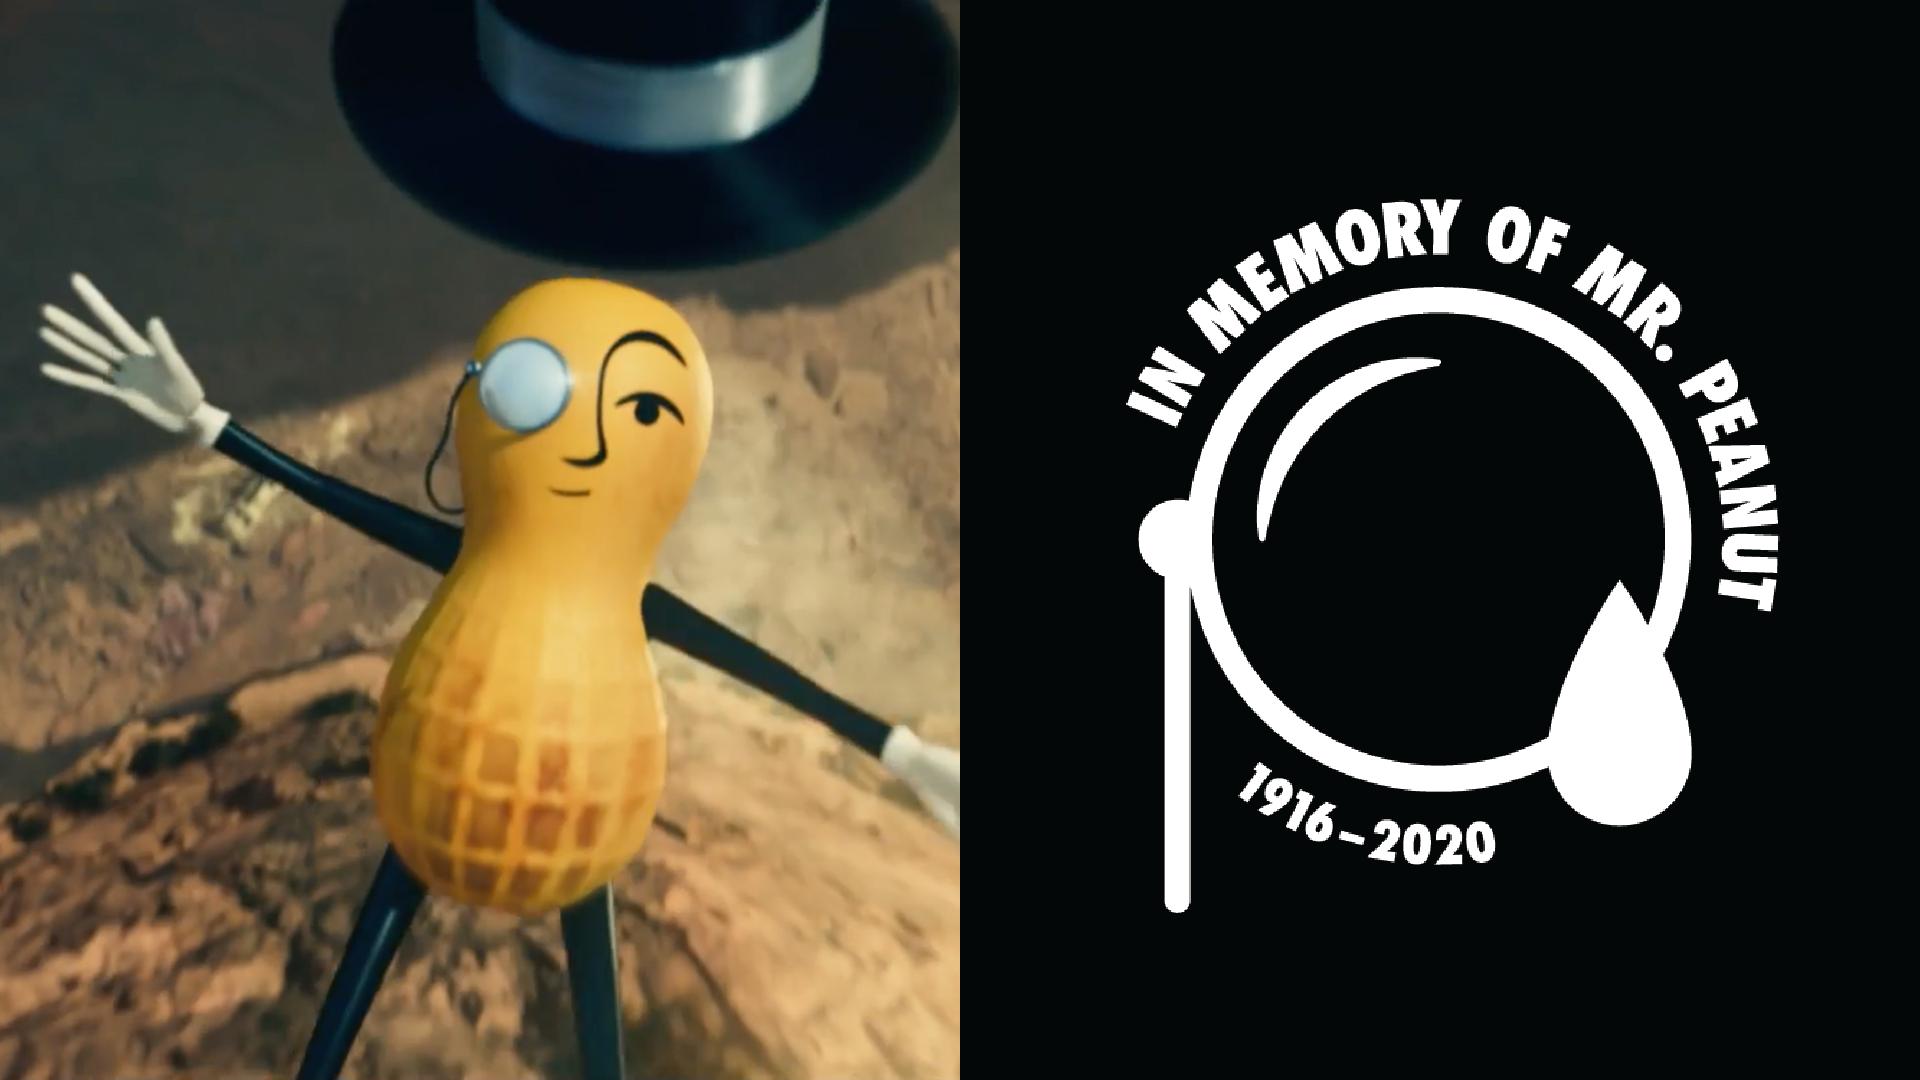 El Sr. Peanut ha muerto y su funeral se transmitirá durante el Super Bowl 2